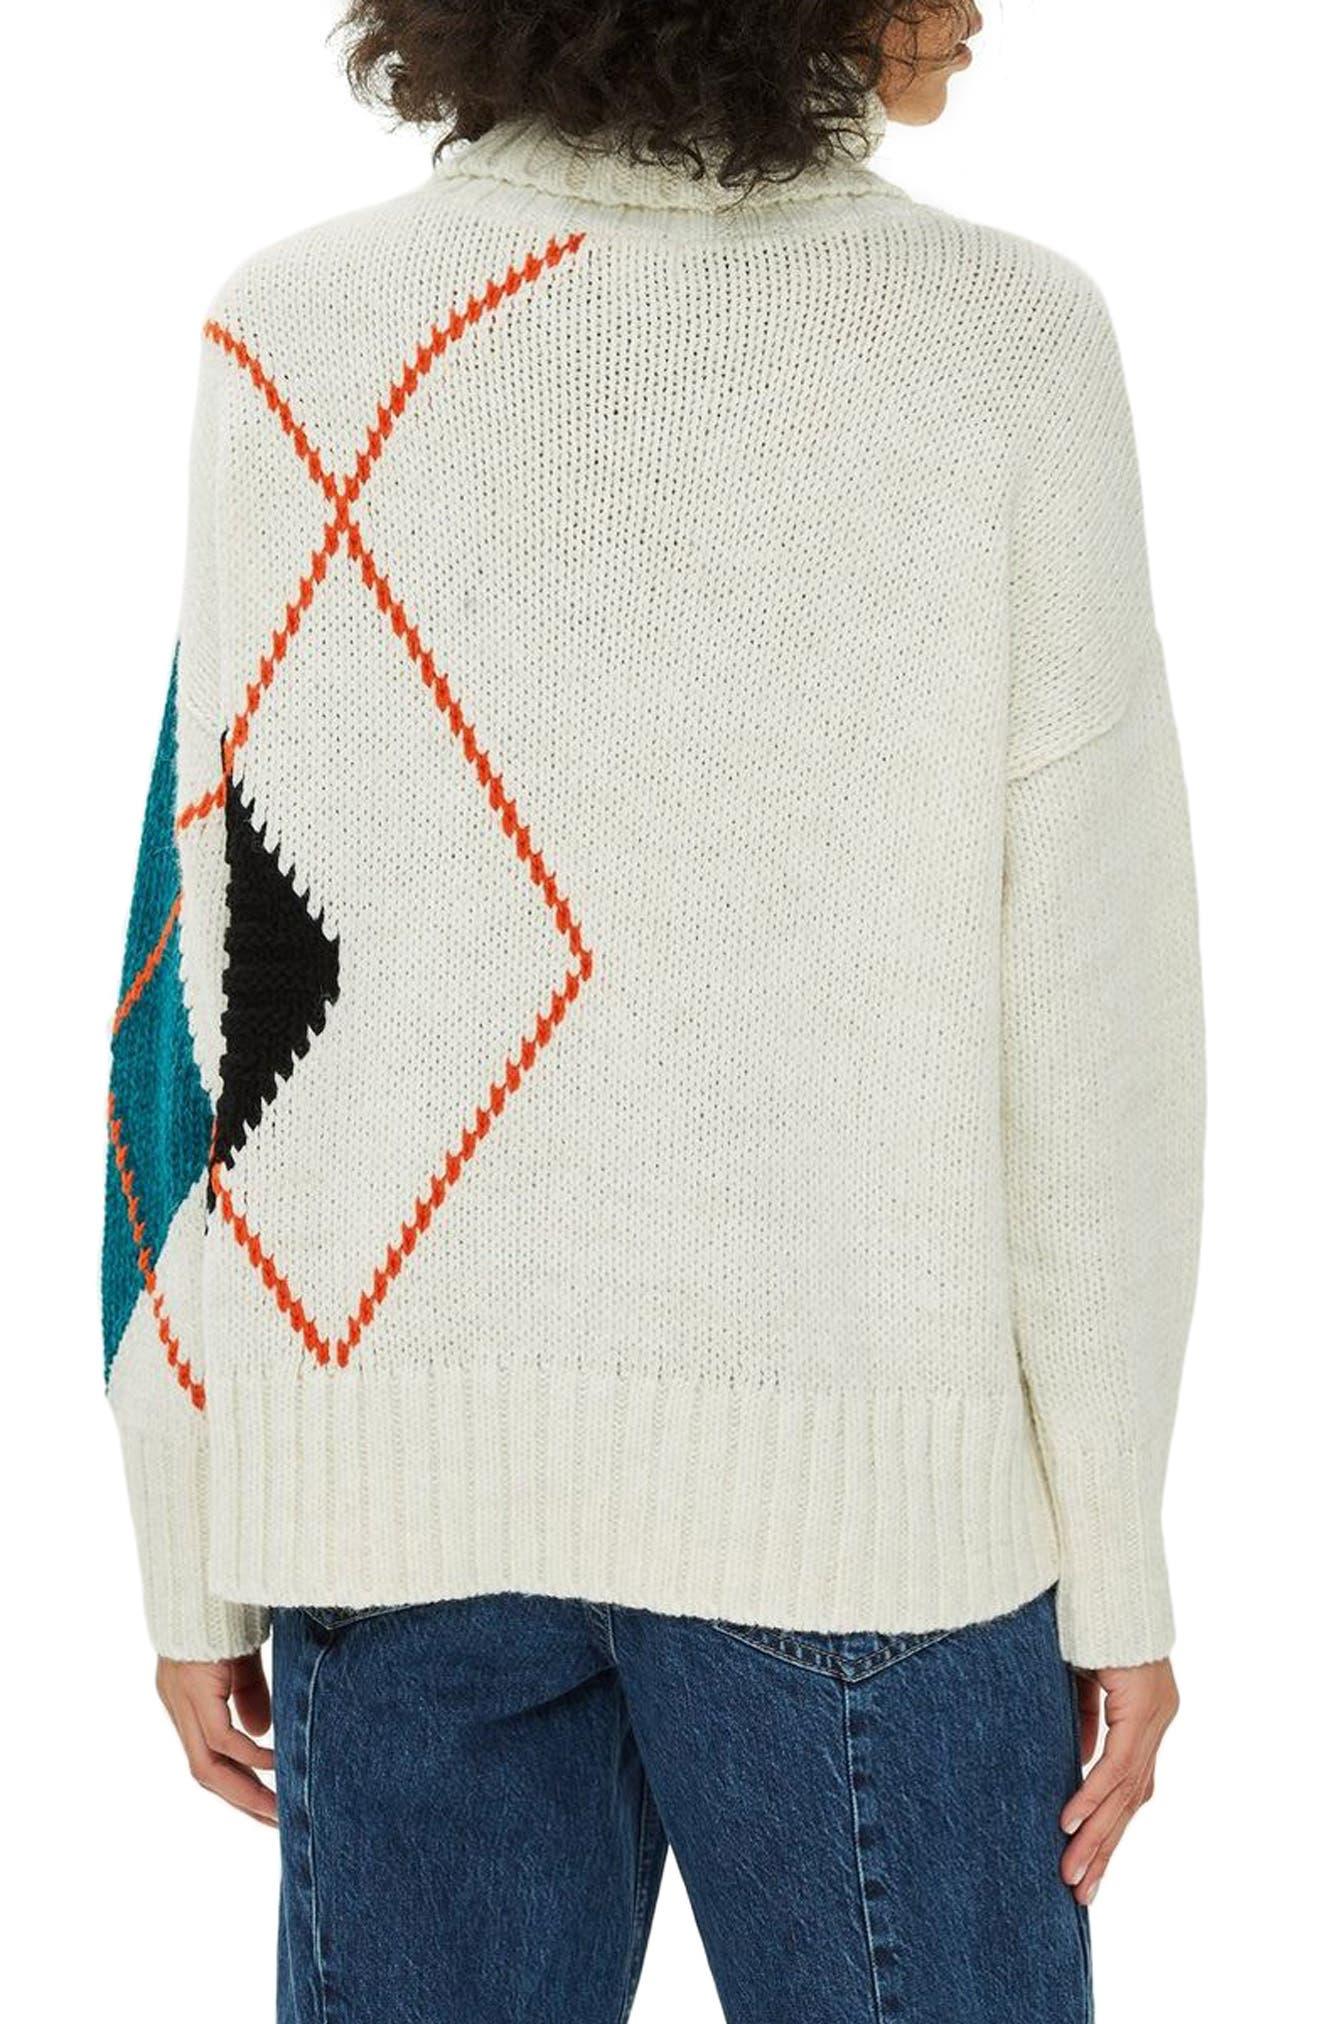 Oversized Argyle Turtleneck Sweater,                             Alternate thumbnail 2, color,                             IVORY MULTI